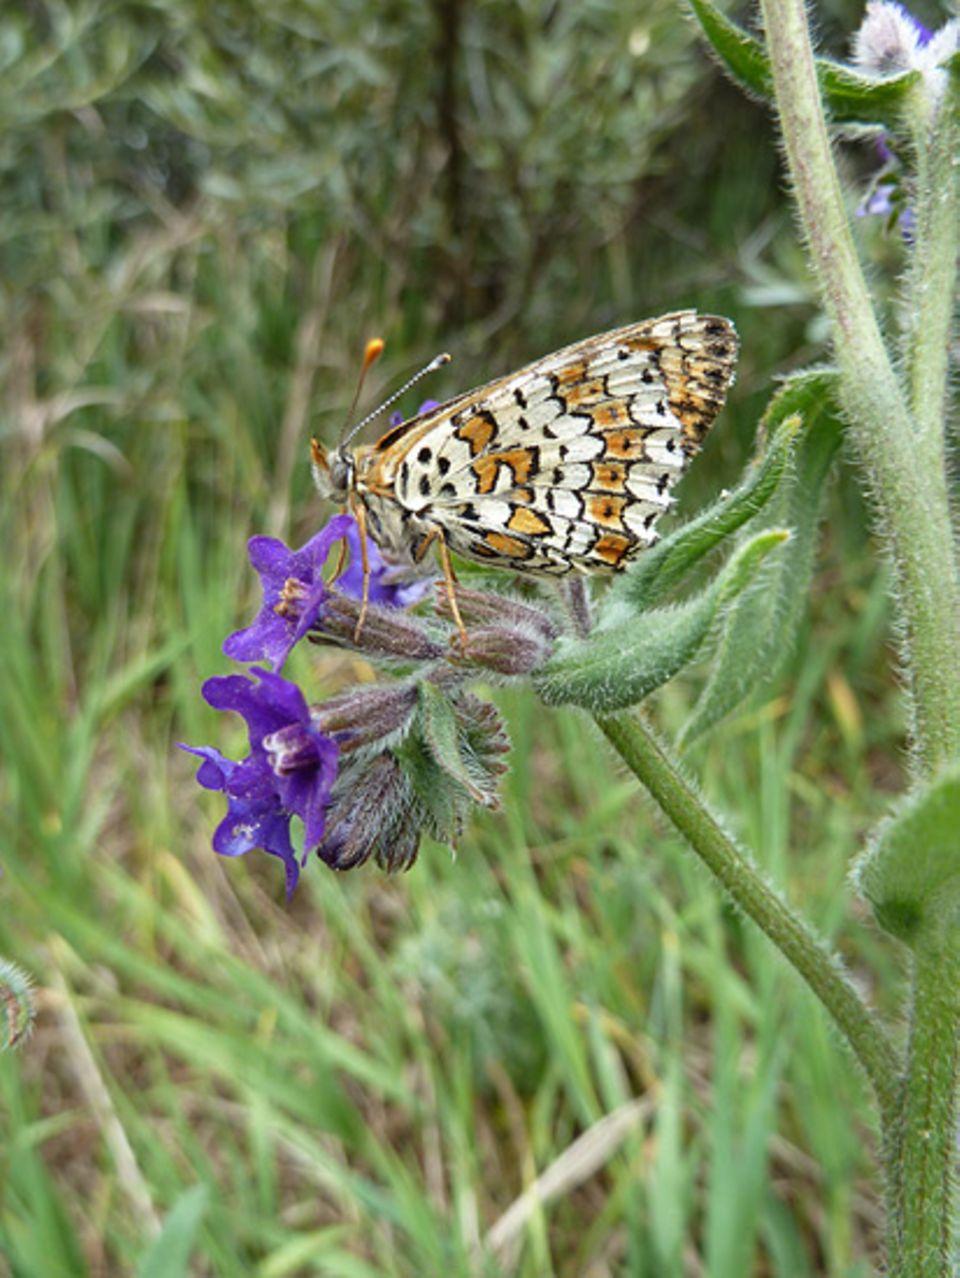 Naturschutz auf Truppenübungsplätzen: Ein Wegerich-Scheckenfalter ruht sich auf einer Ochsenzungen-Blüte aus